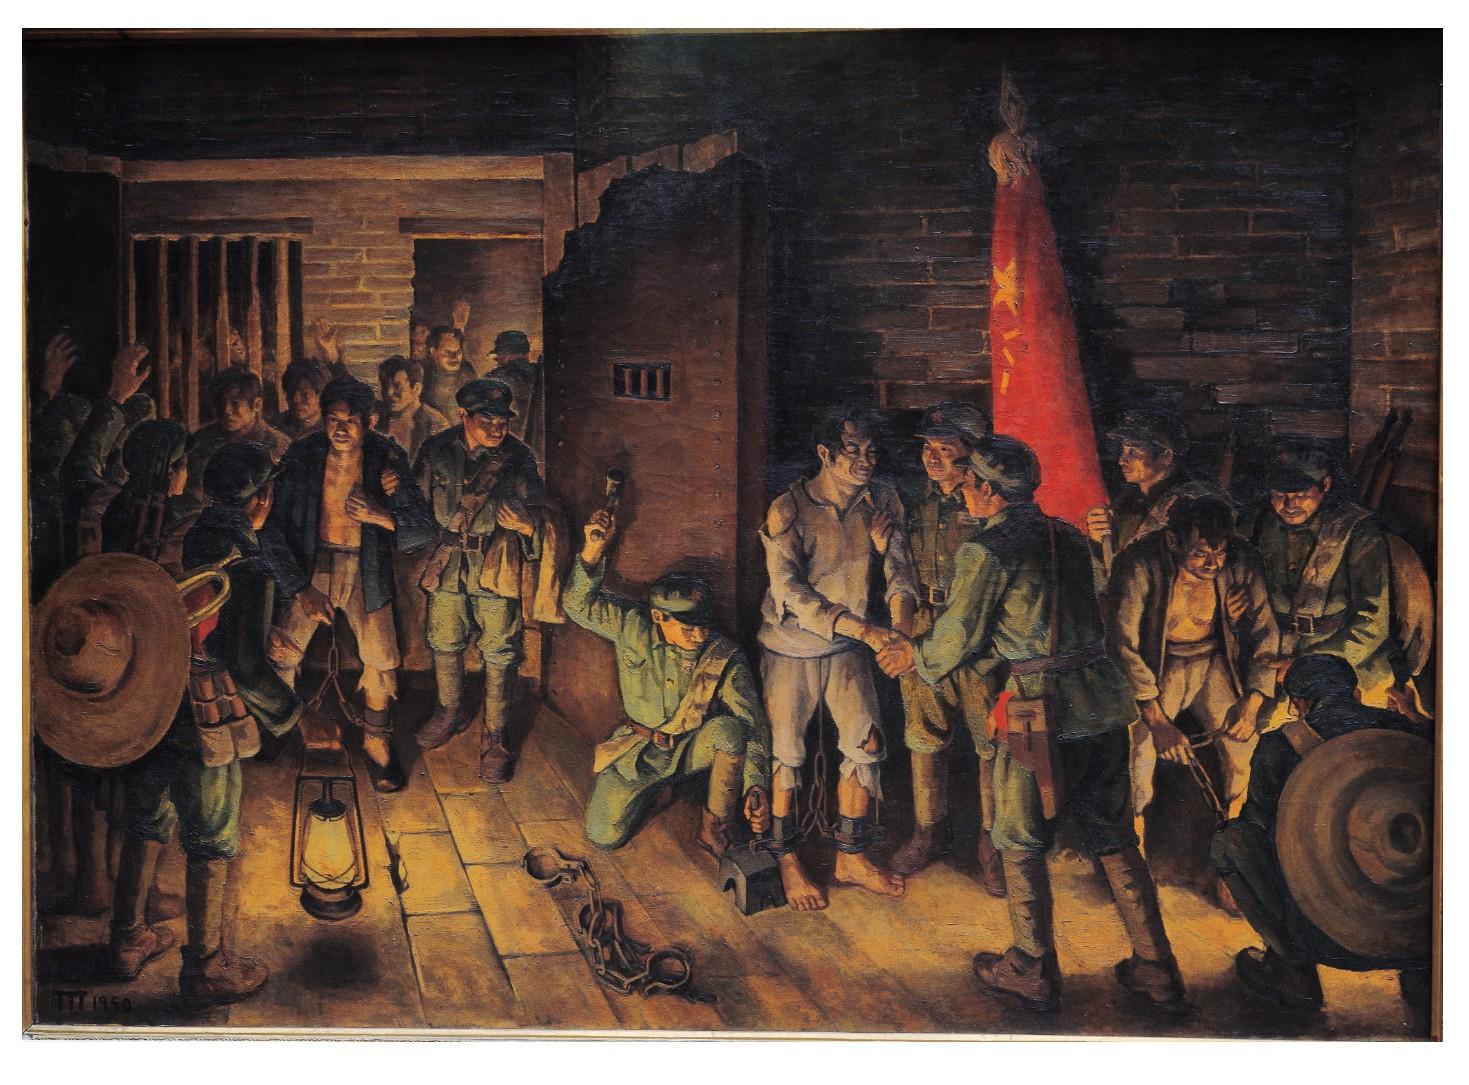 13 《开镣》,胡一川,1950年,北京,布面油画,174cmx244cm,中国国家博物馆藏.jpg